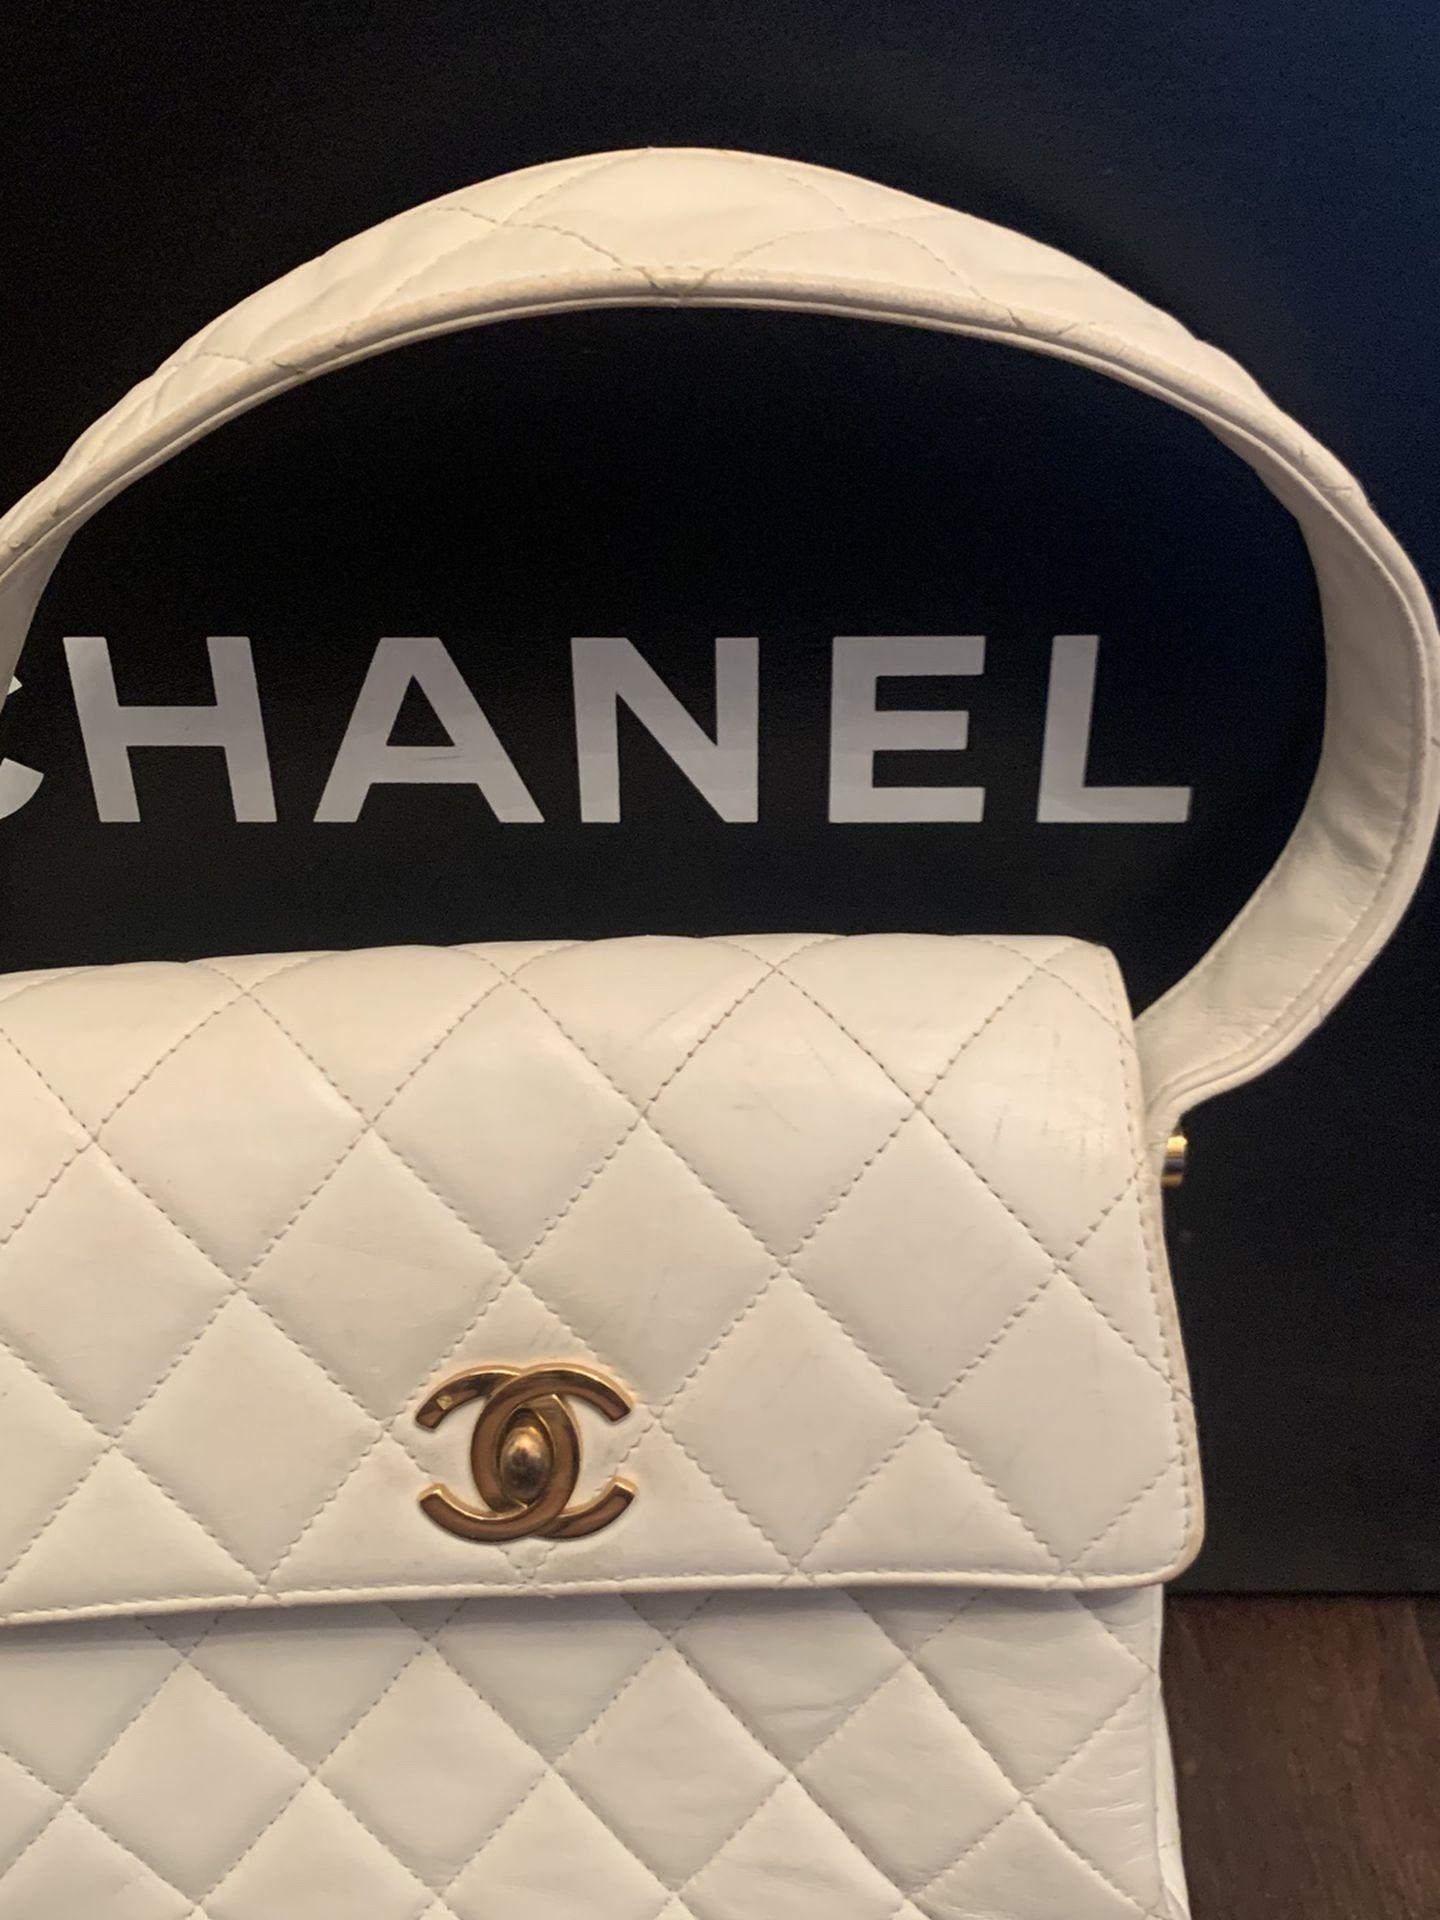 Chanel Bag 🤩